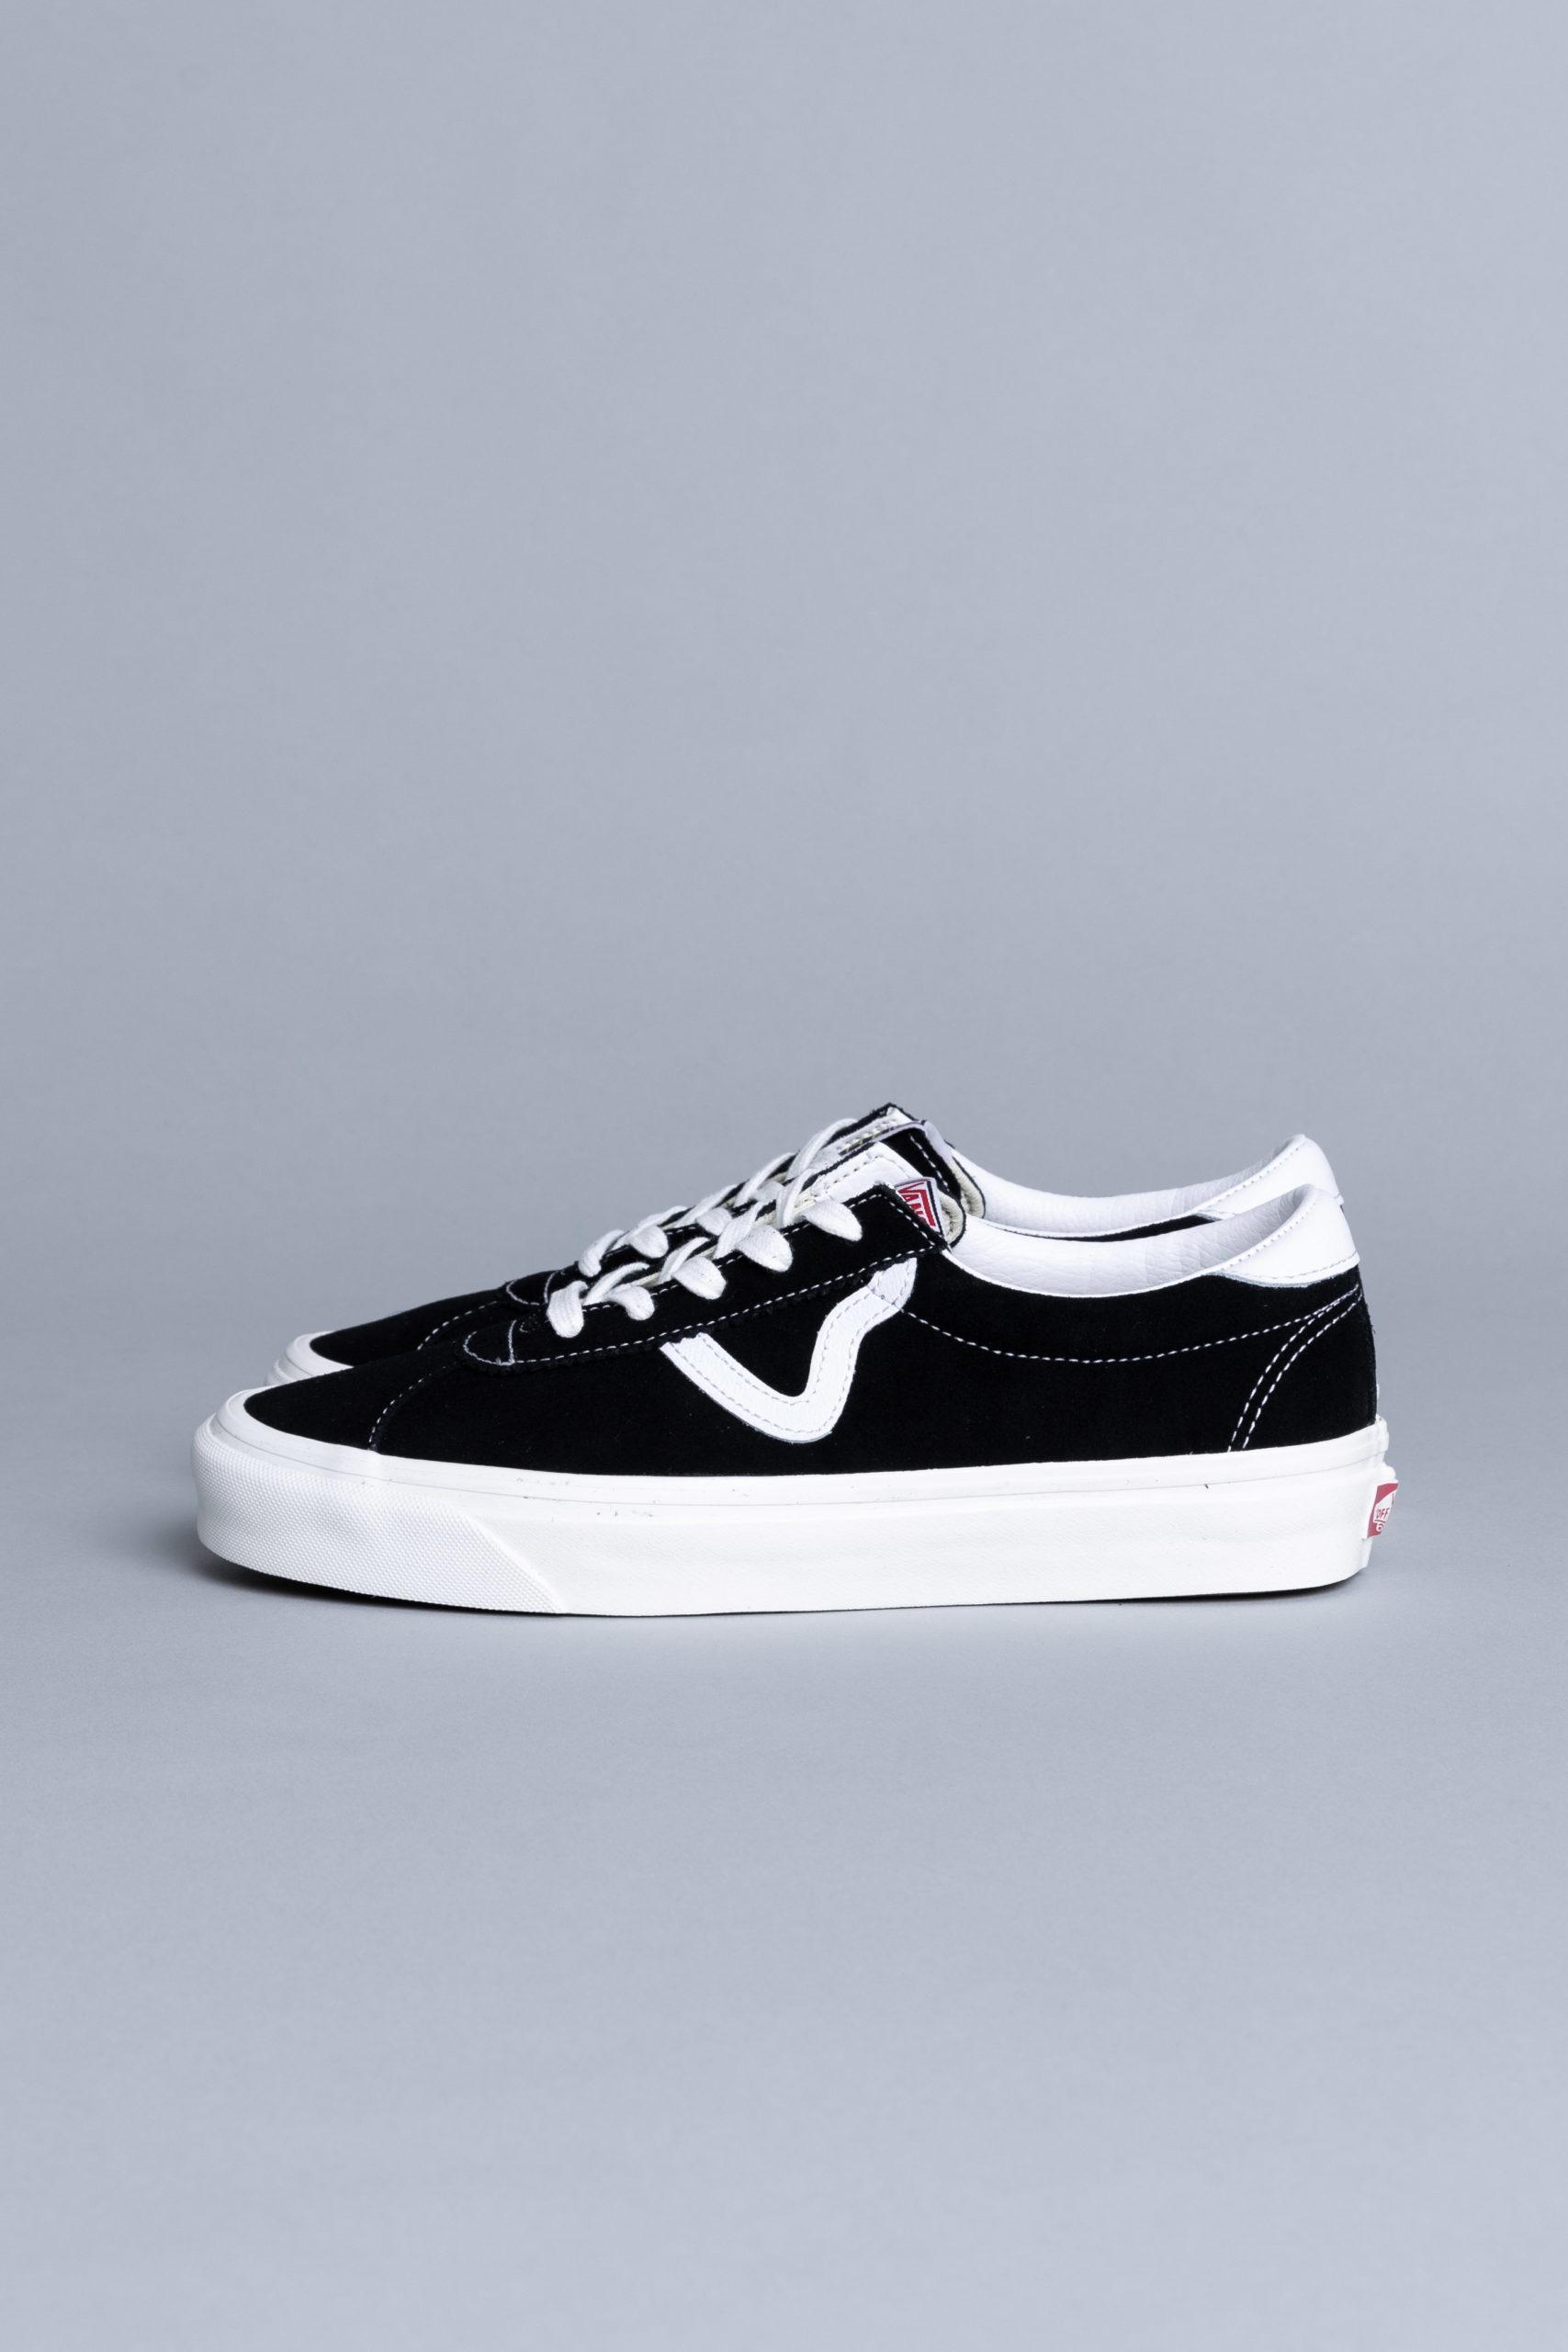 Vans Style 73 DX OG Black • Centreville